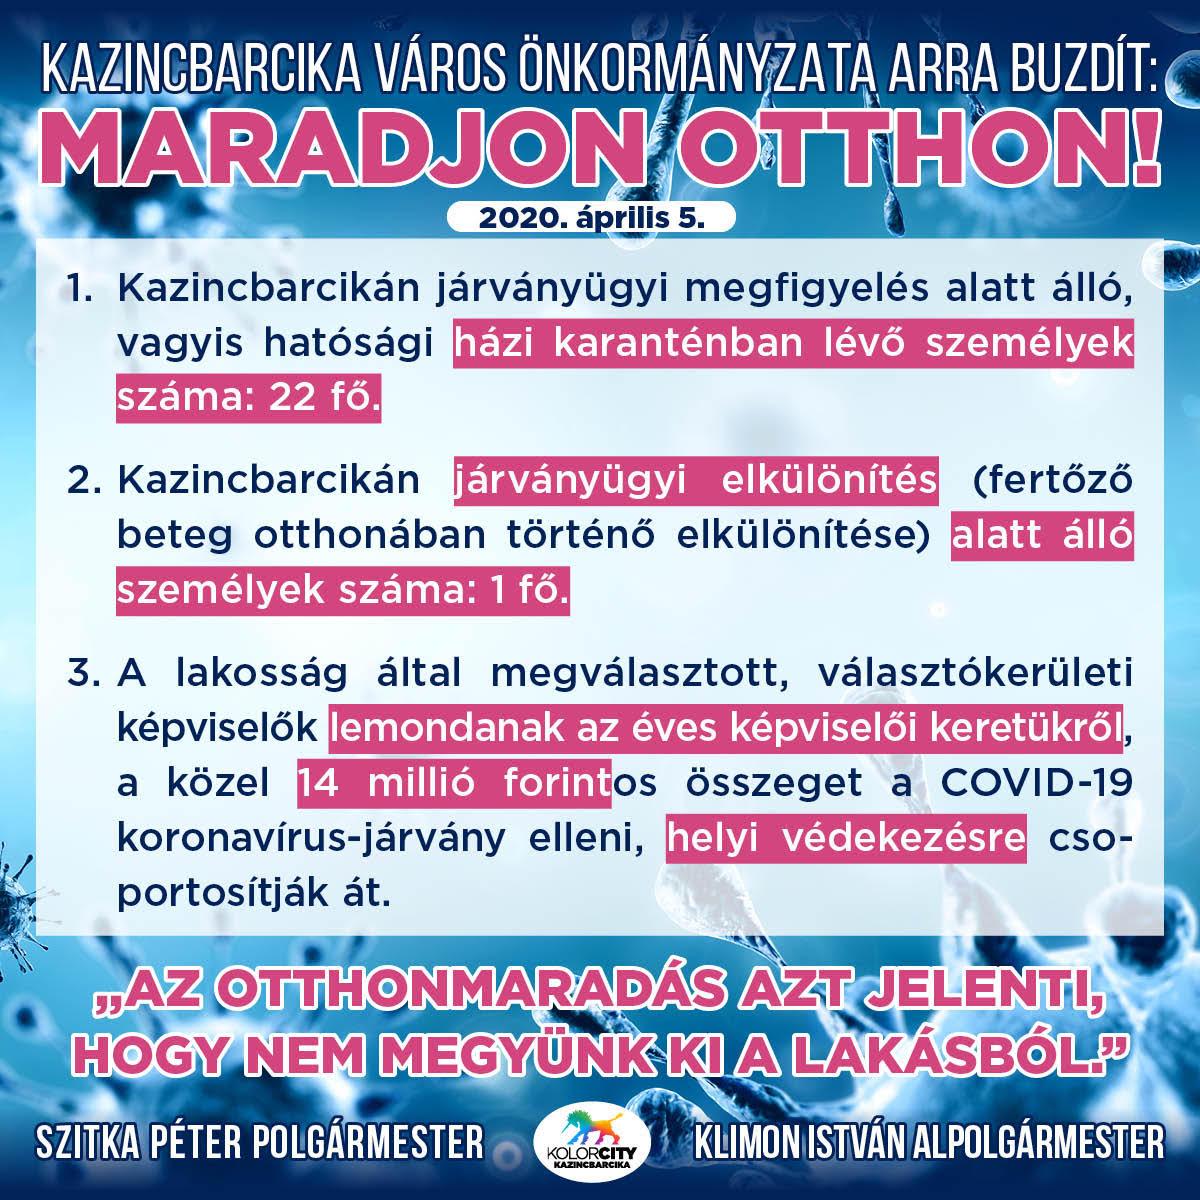 https://kolorline.hu/Kazincbarcika Város Önkormányzata arra buzdít: Maradj otthon!  – 2020. április 5.